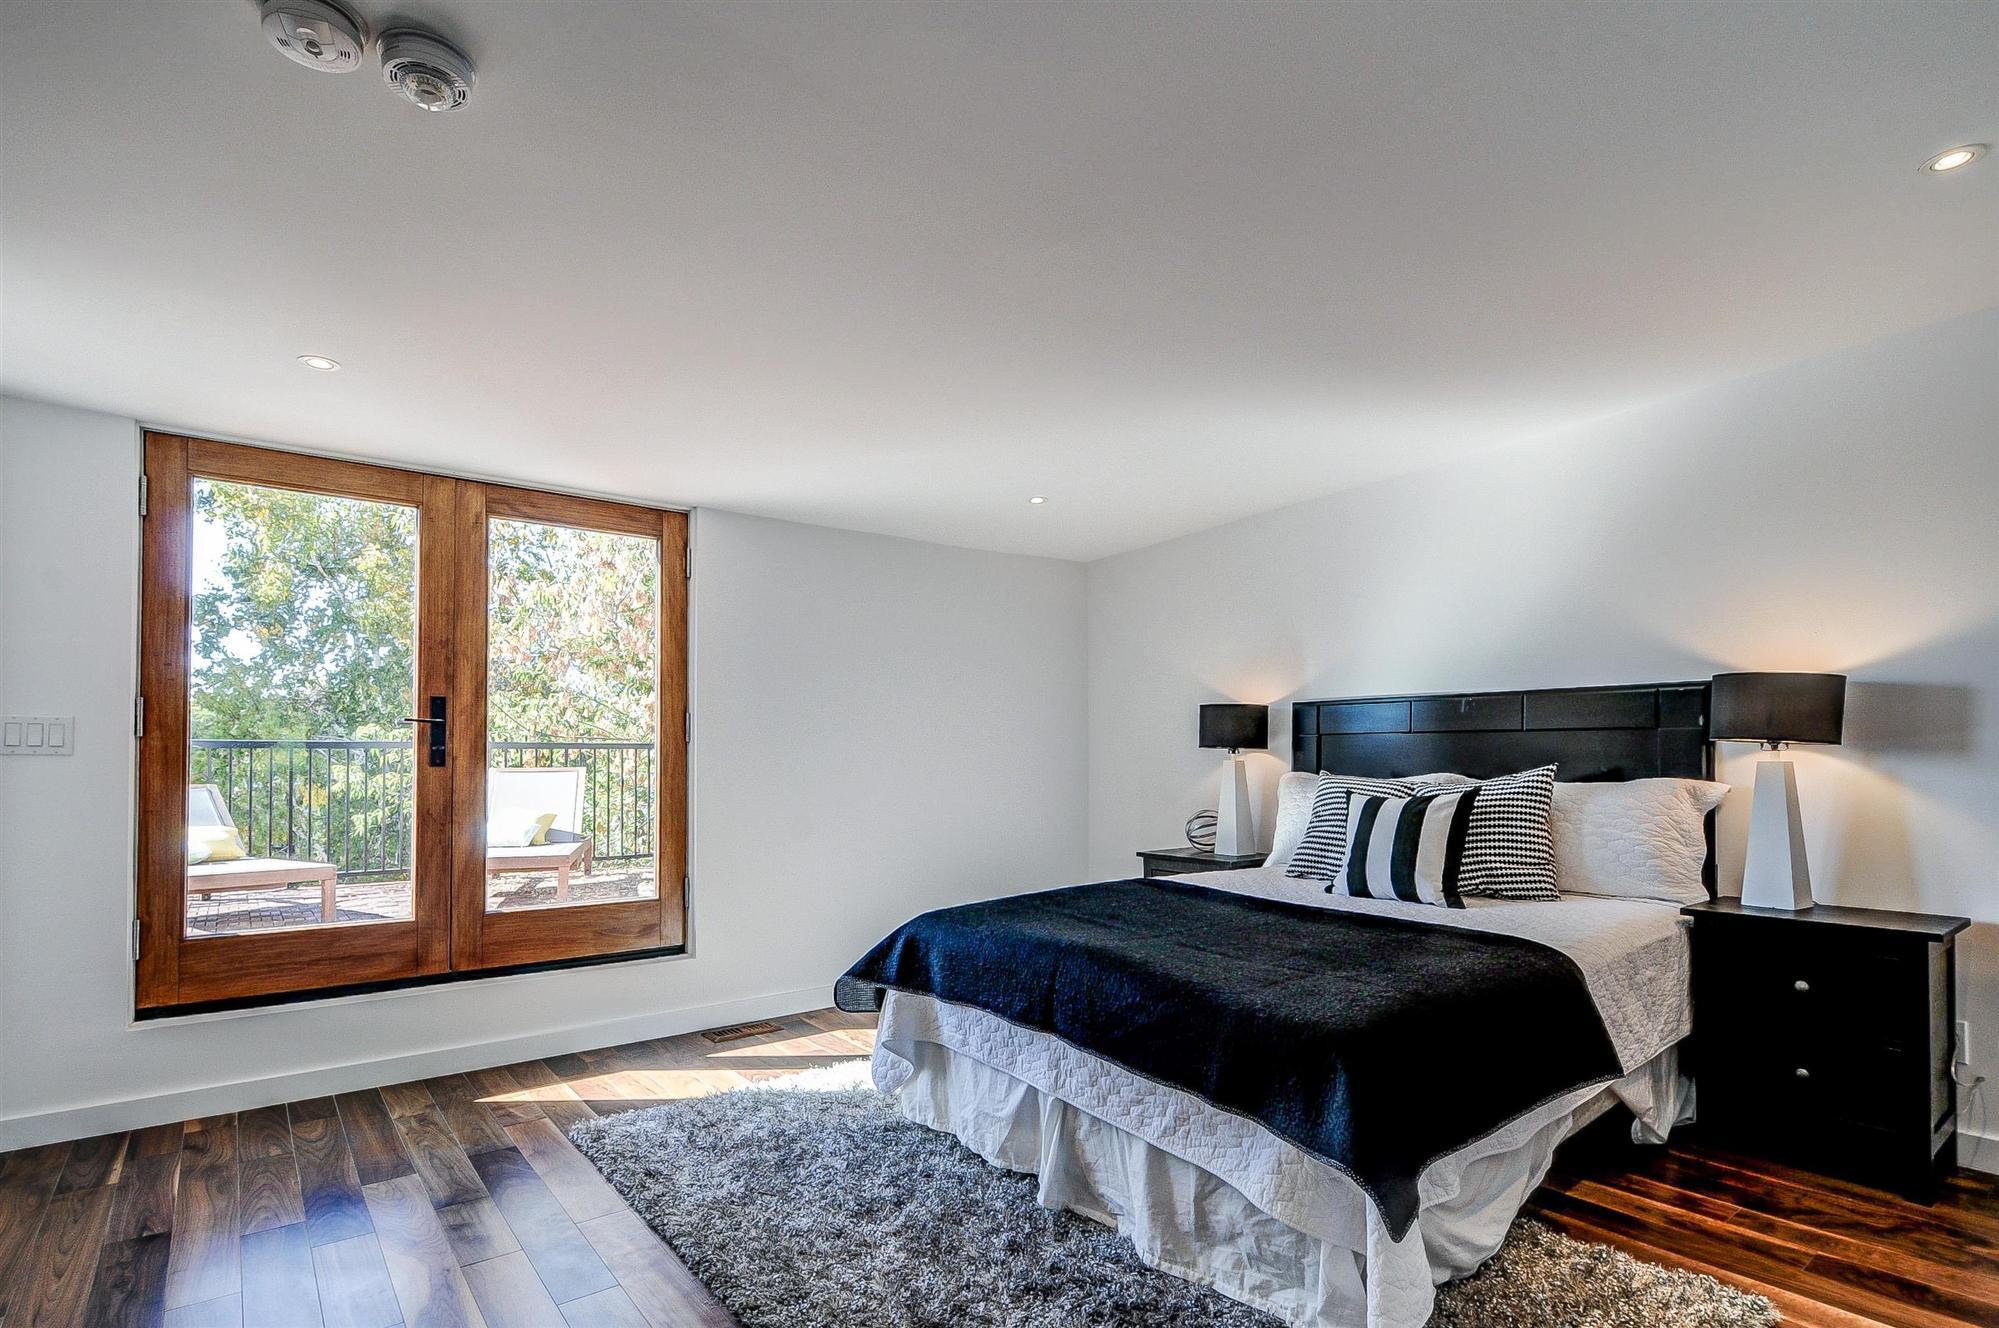 toronto-house-for-sale-32-elmer-avenue-5